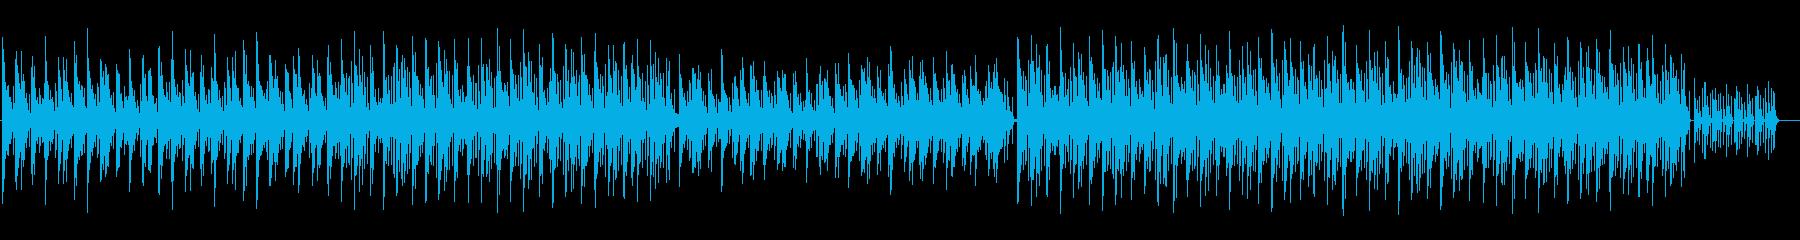 おしゃれで落ち着いたピアノ曲の再生済みの波形